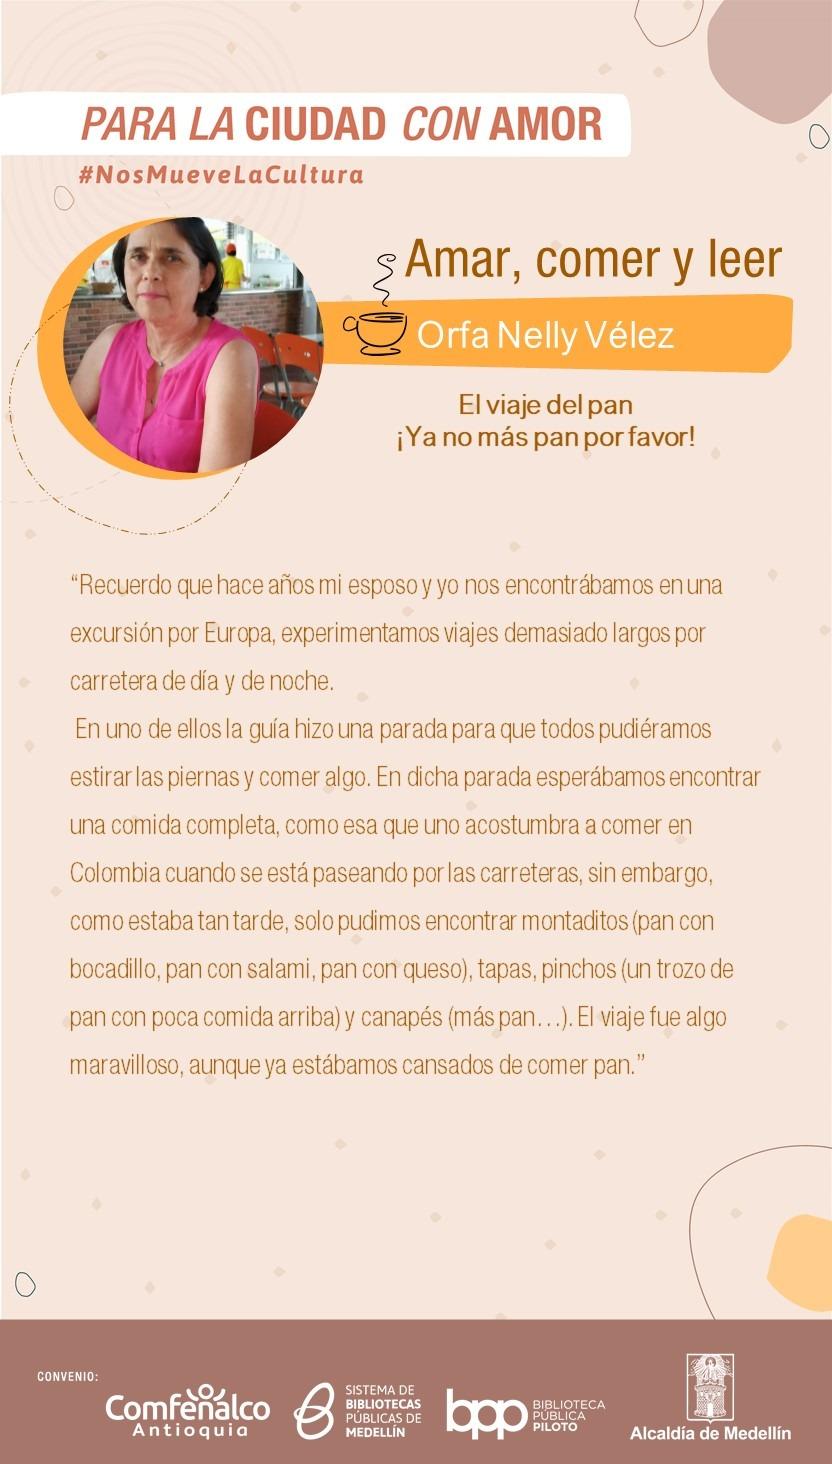 Amar, comer y leer – Orfa Nelly